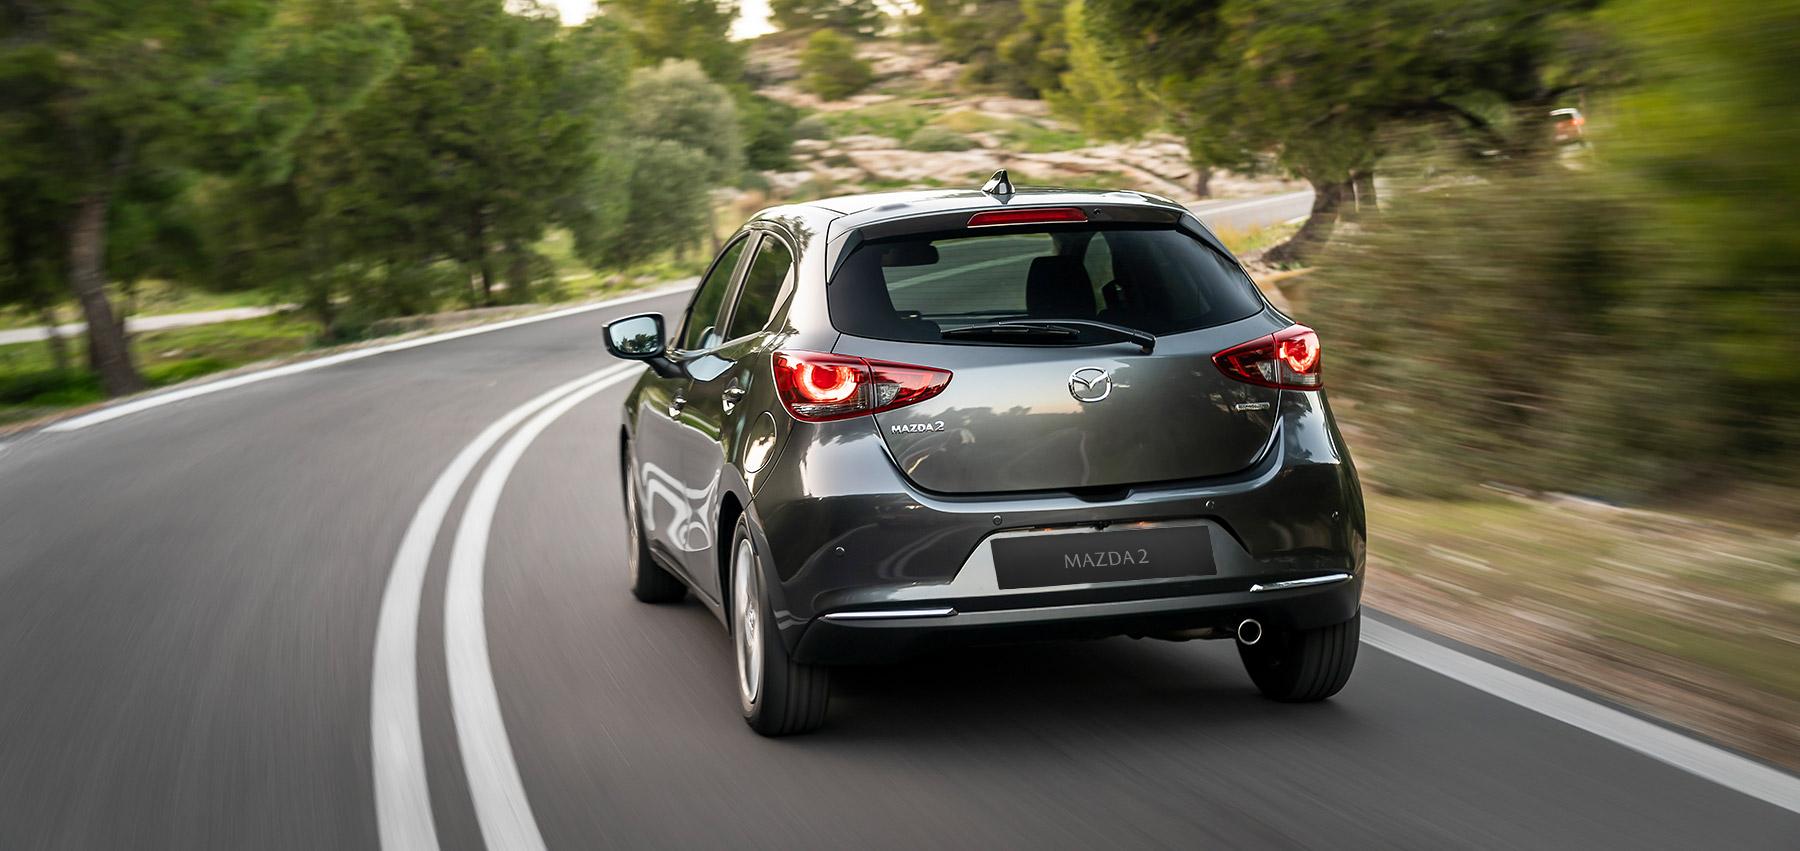 In linea con lo stile elegante del resto dell'auto, anche la parte posteriore della Mazda2 2020 spicca per personalità